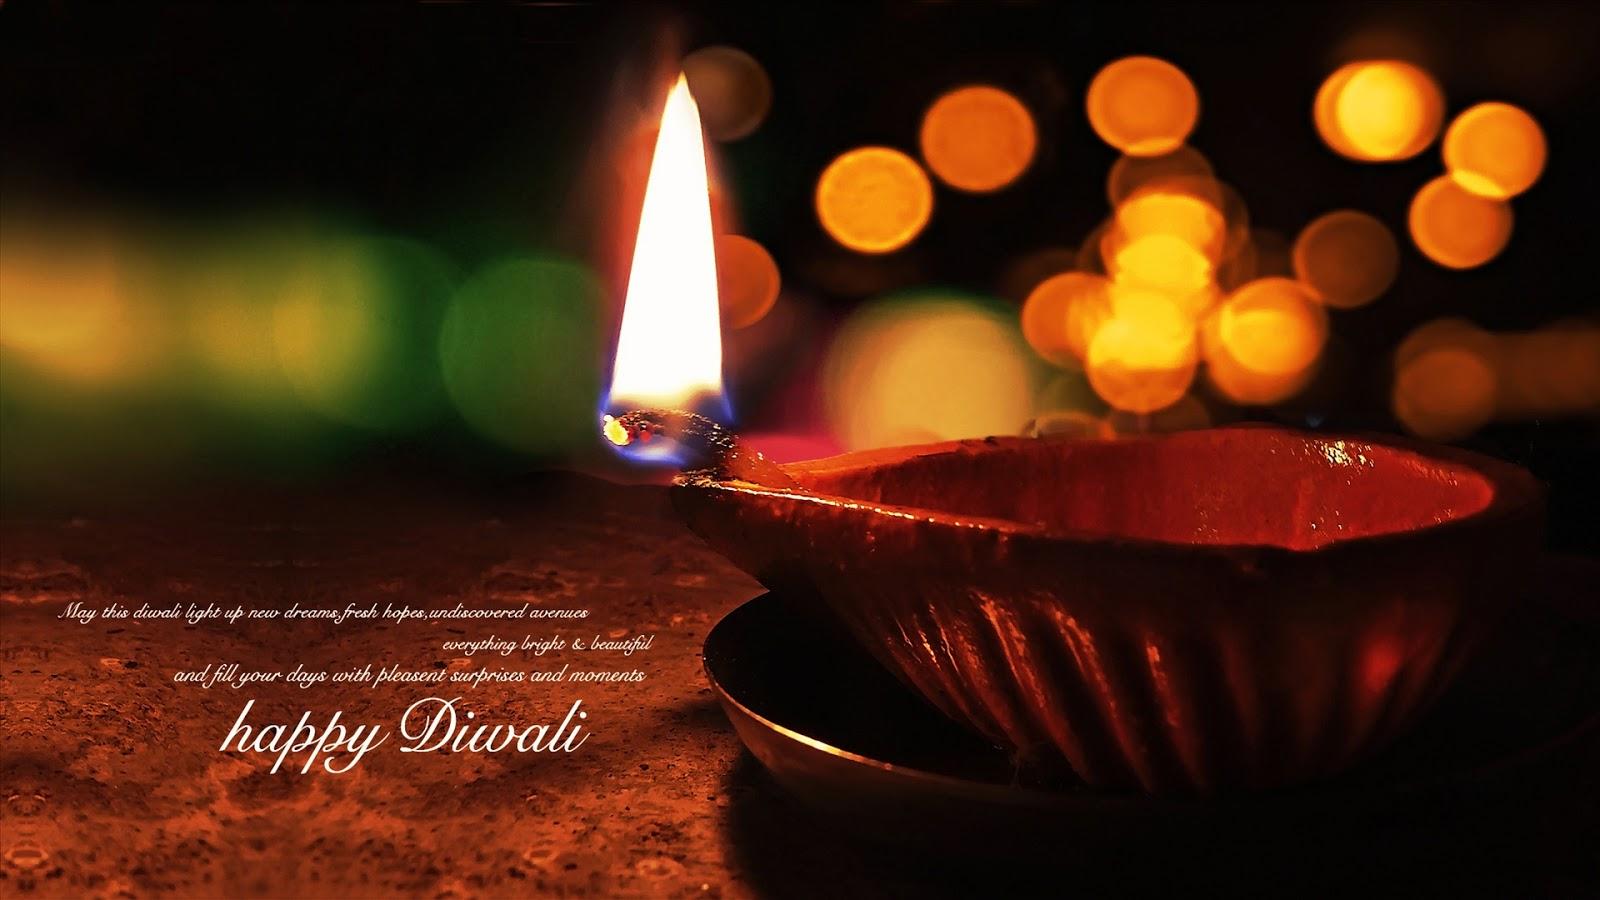 Happy Diwali Happy New Year